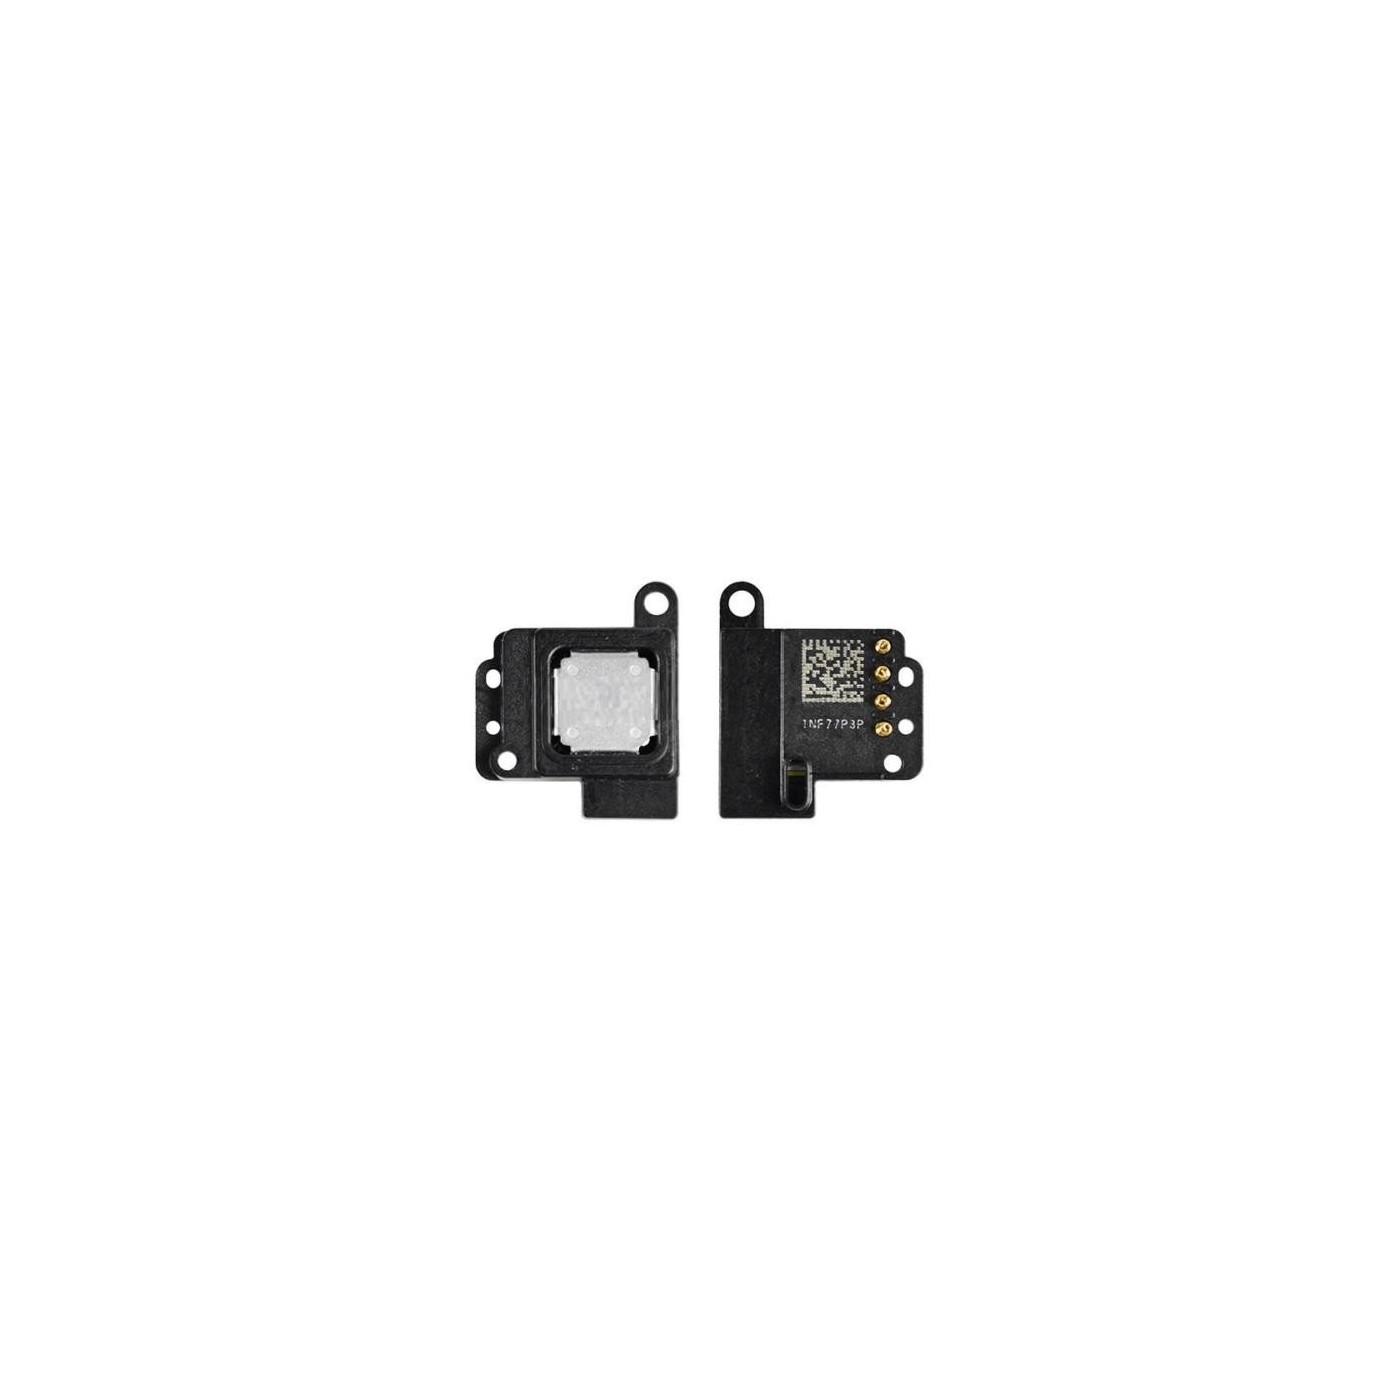 Altavoz superior del altavoz del oído para el reemplazo del iphone 5s de Apple